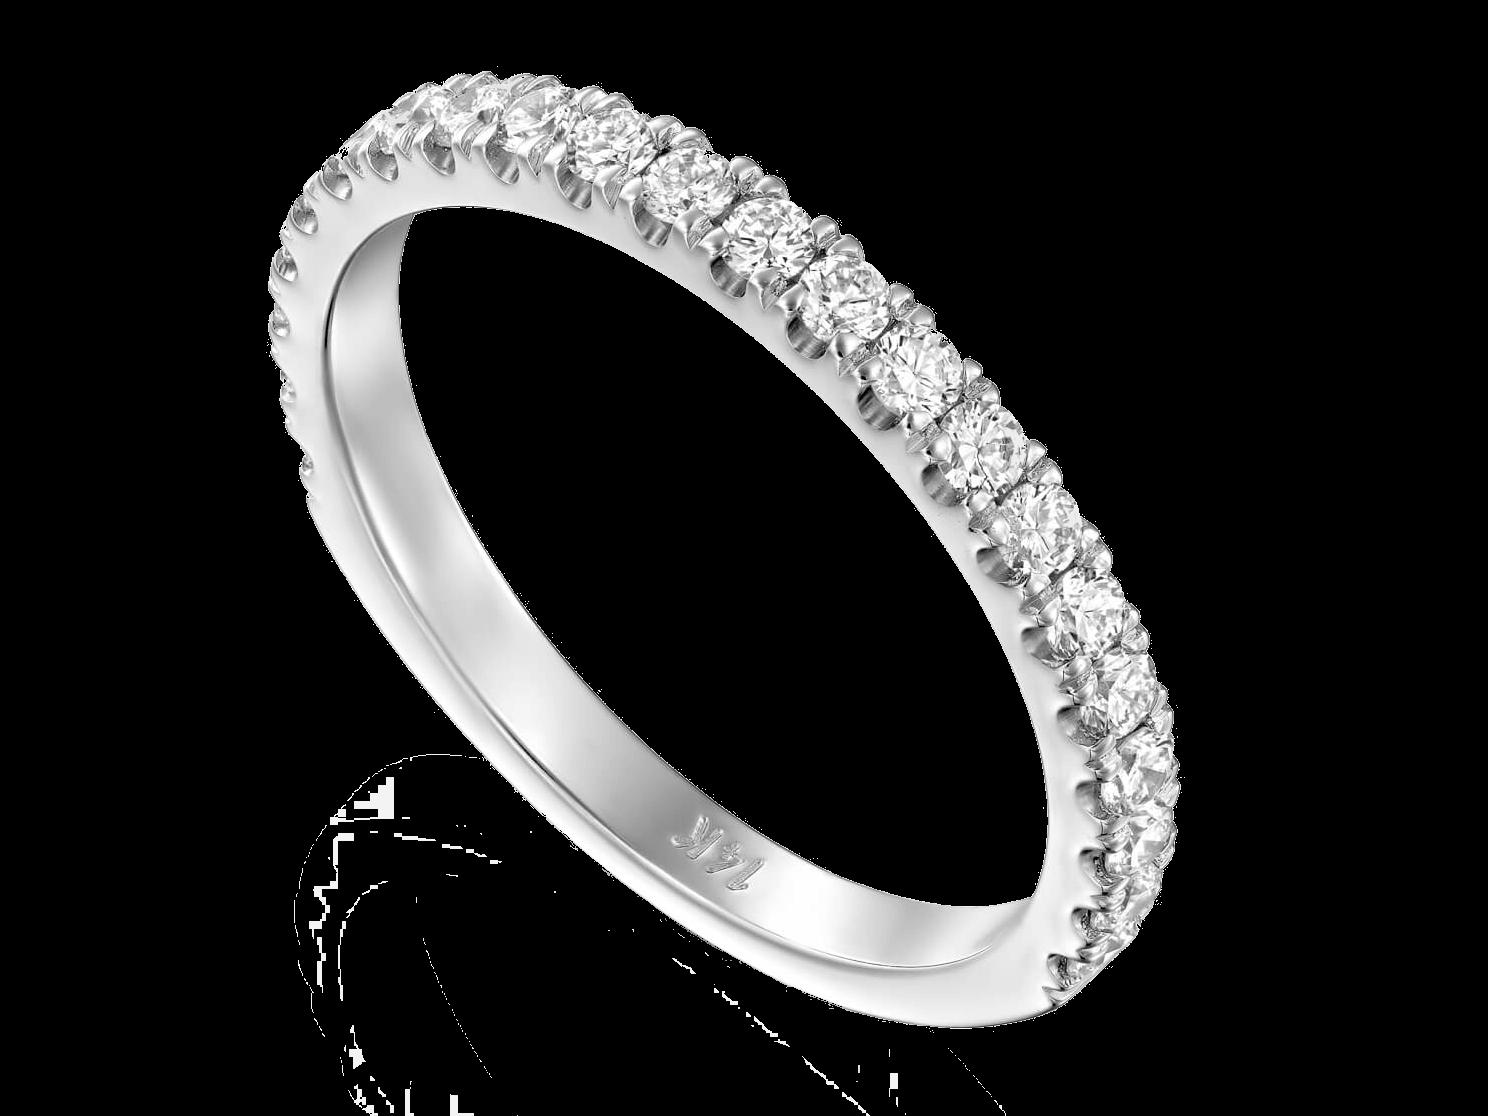 טבעת יהלומים שורה ADR-00461-4